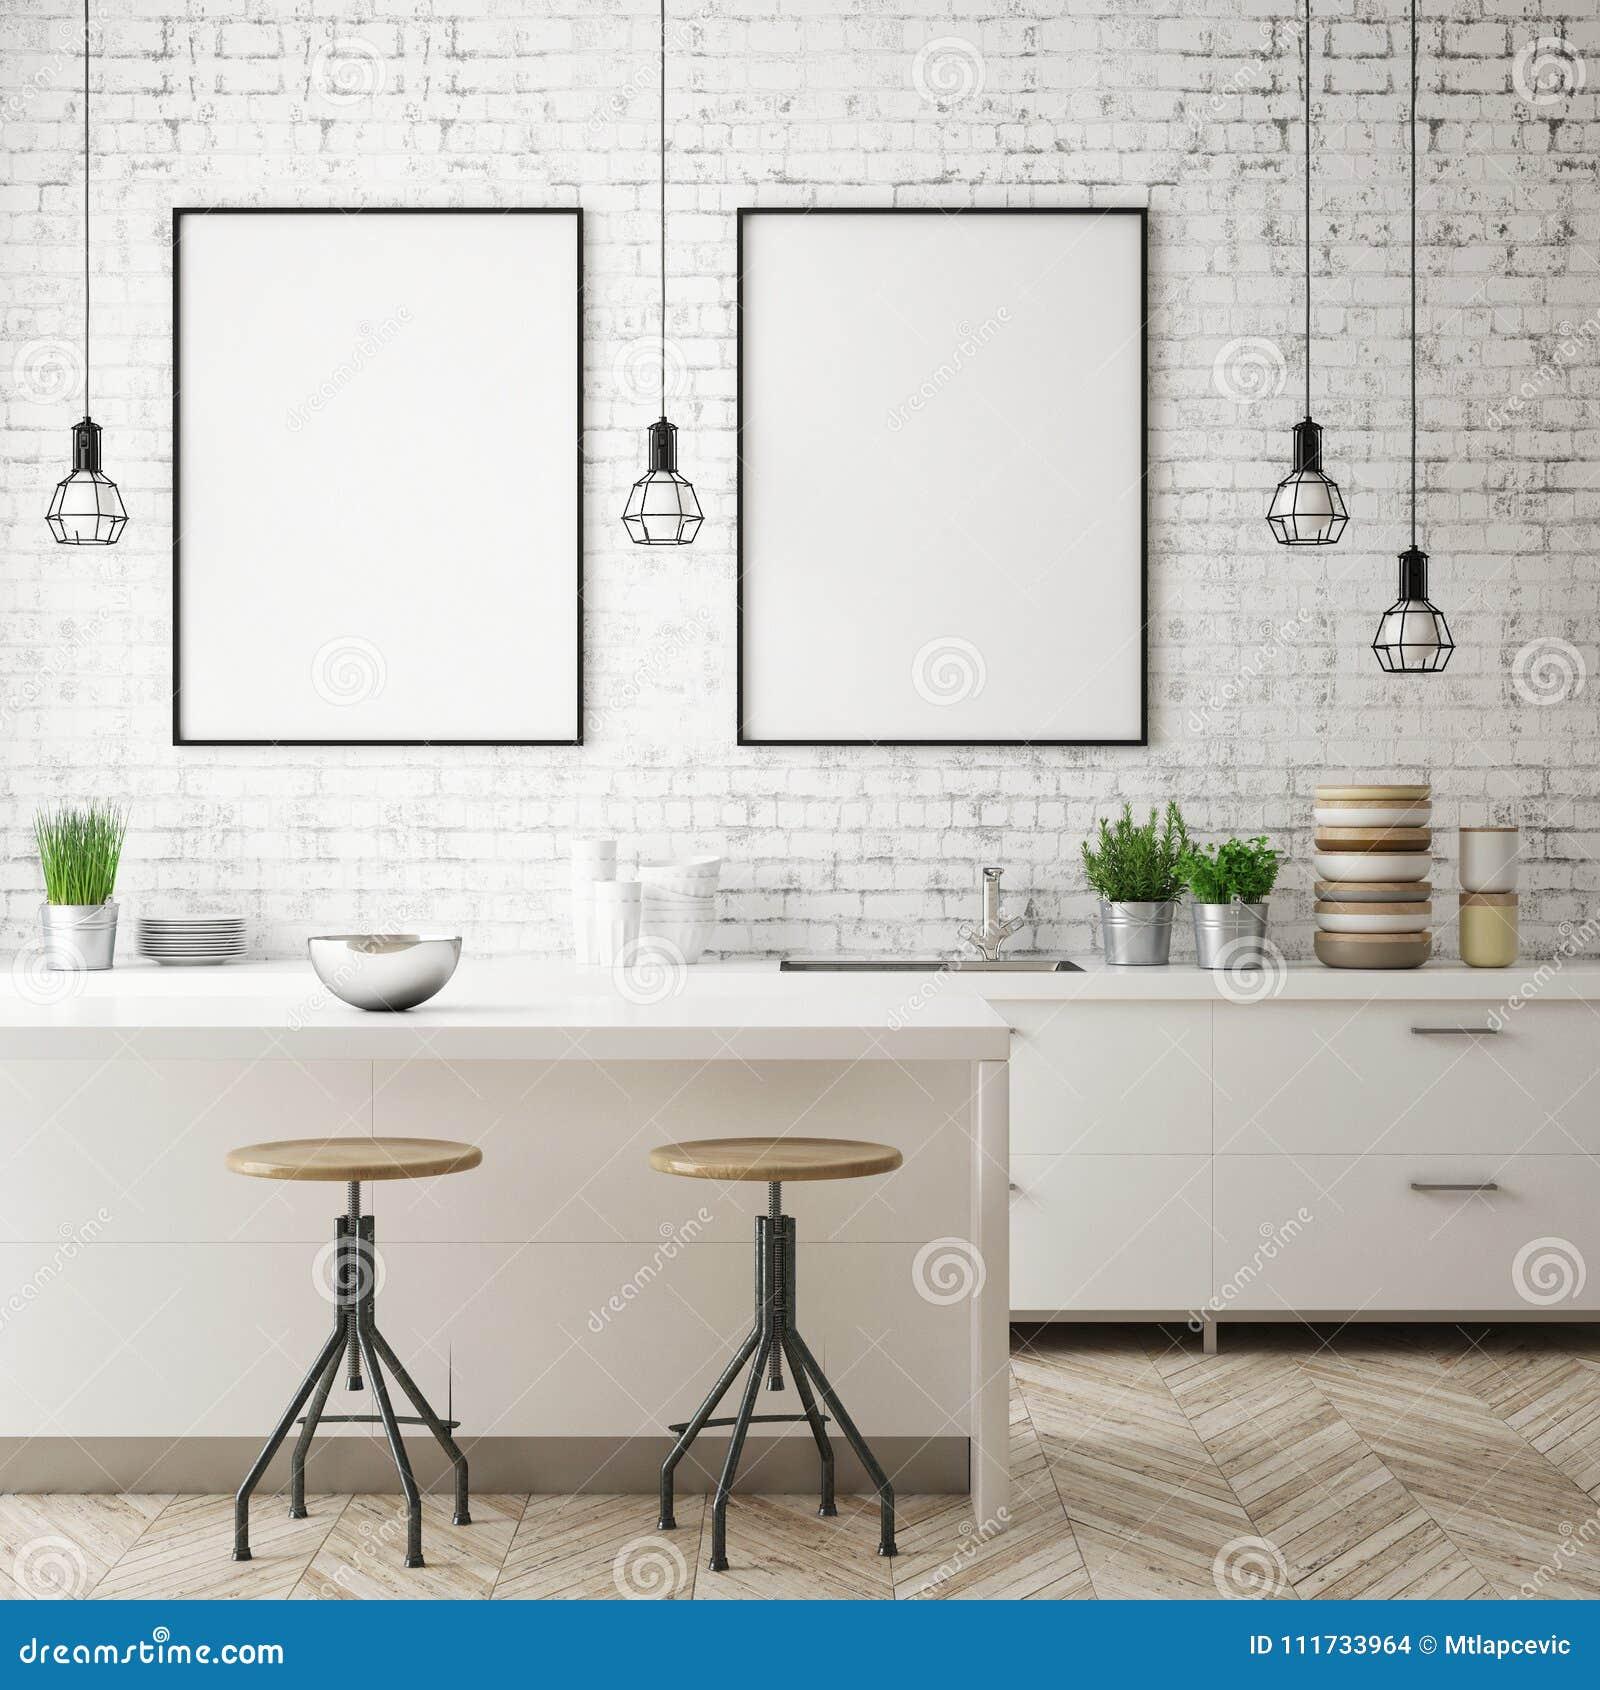 Kitchen Stock Illustrations